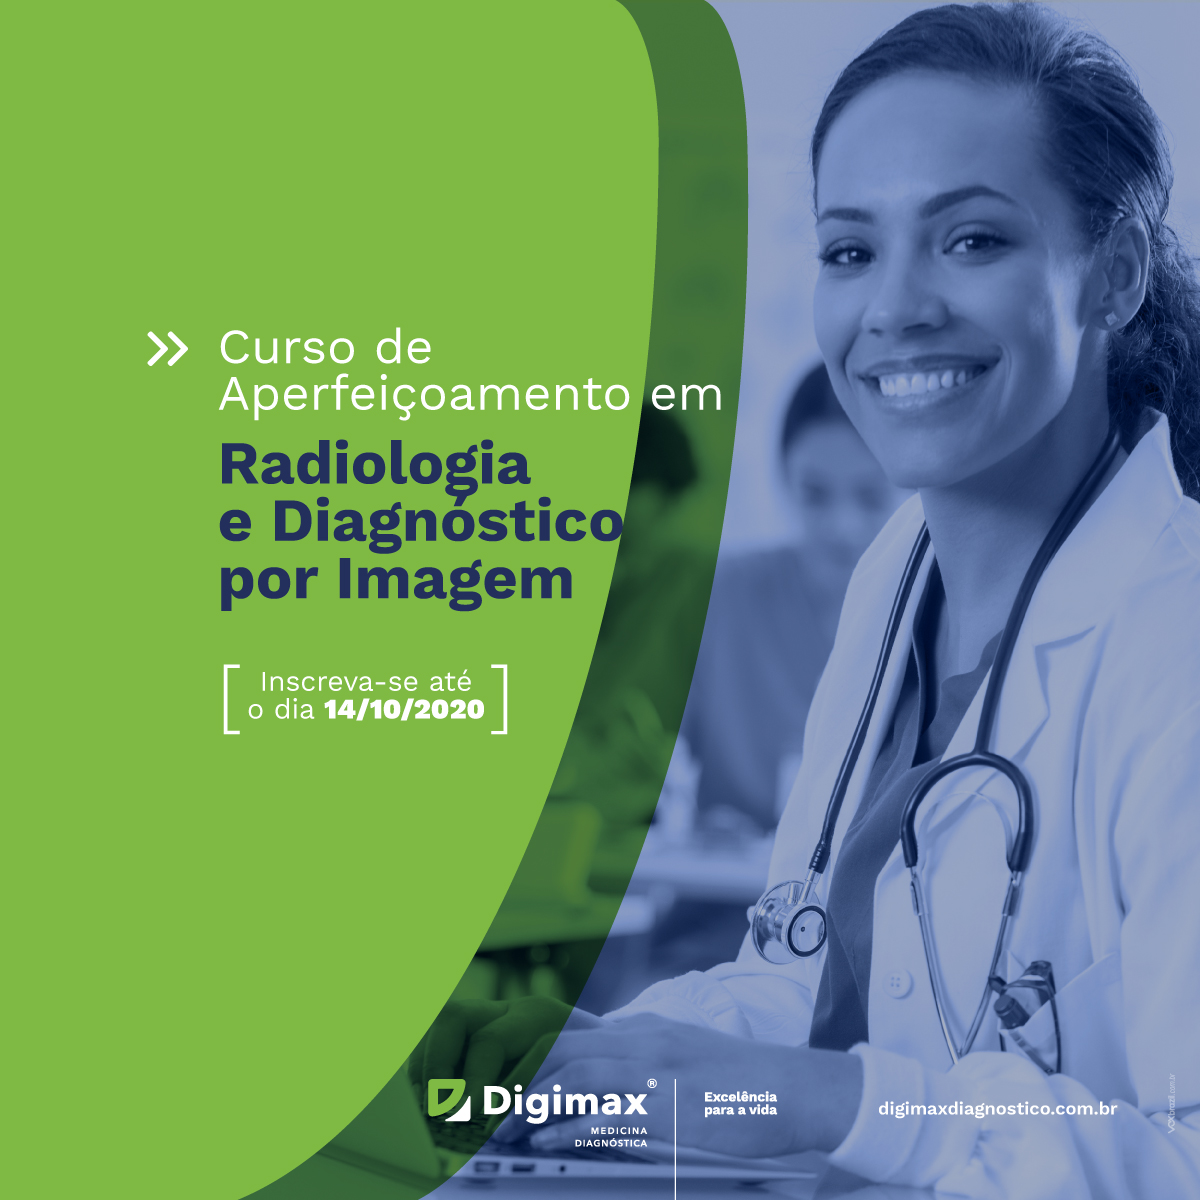 Curso de Aperfeiçoamento em Radiologia e Diagnóstico por Imagem